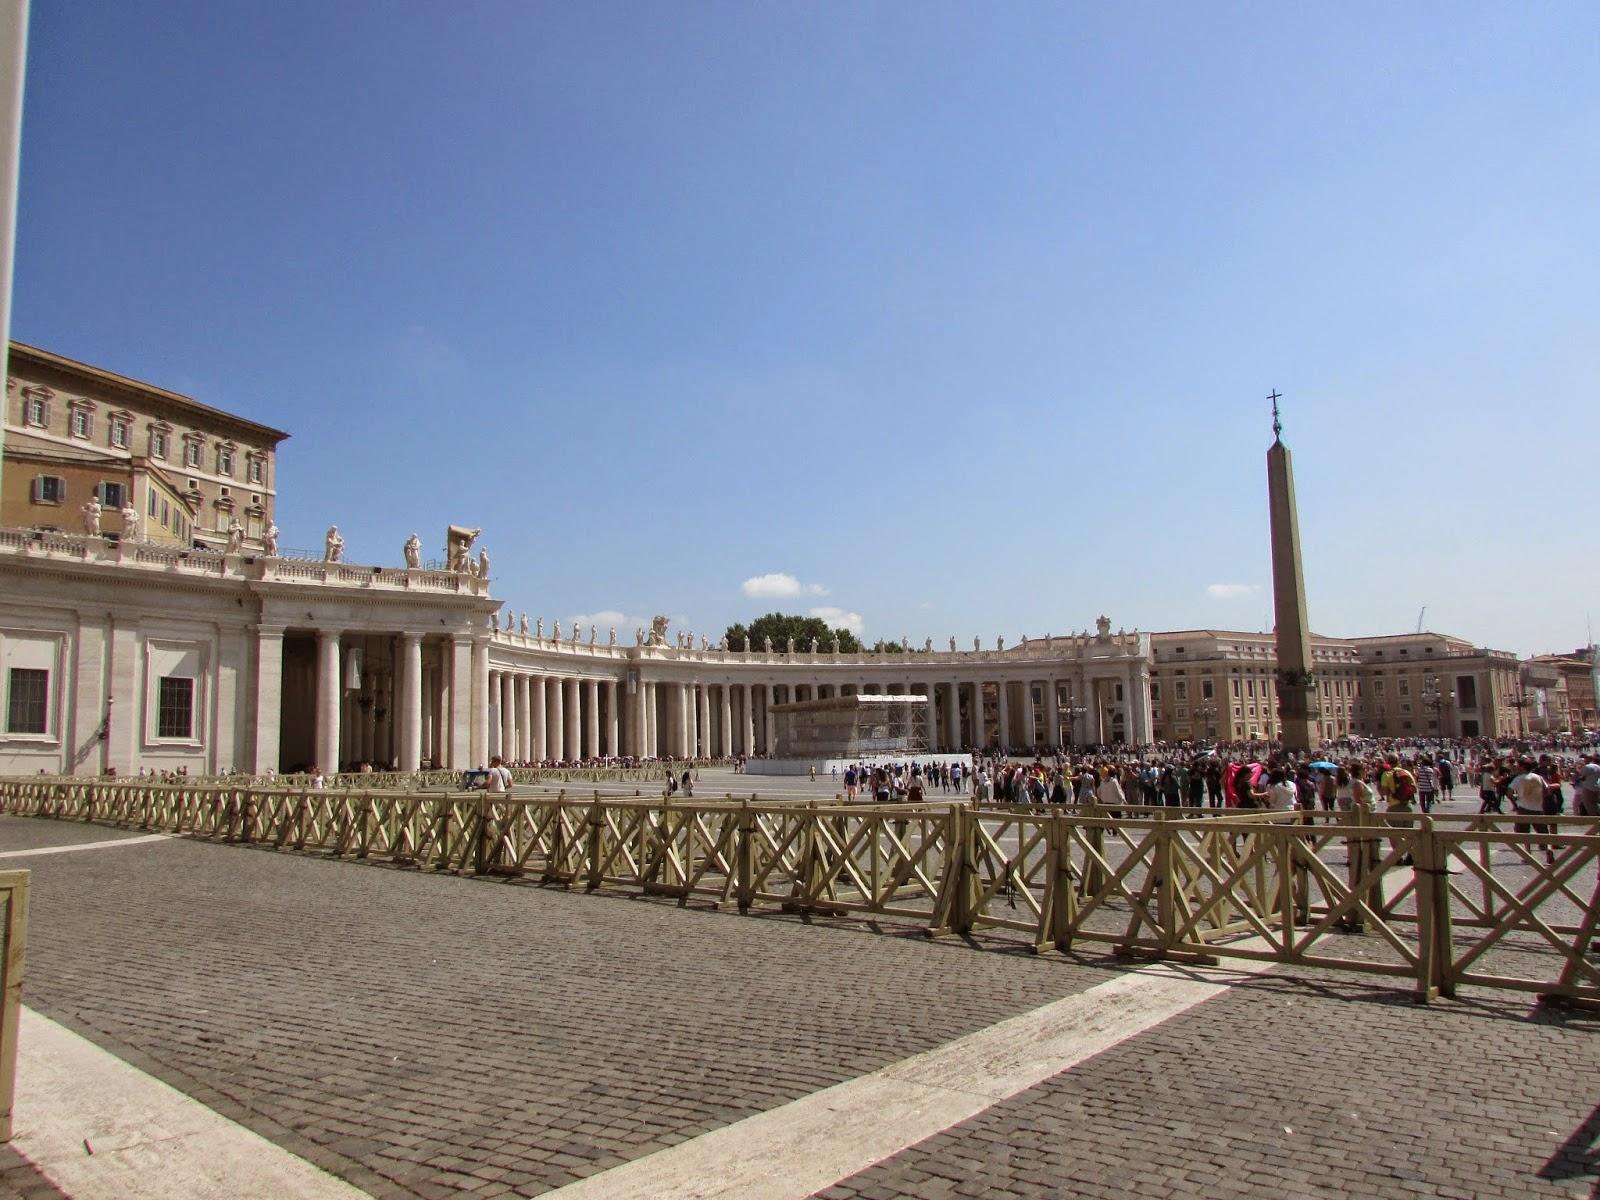 Itália, Roma, turismo, Europa, Italy, travel, trip, viagem, Italia, Praça São Pedro, Piazza São Pedro, Vaticano, Basílica de São Pedro